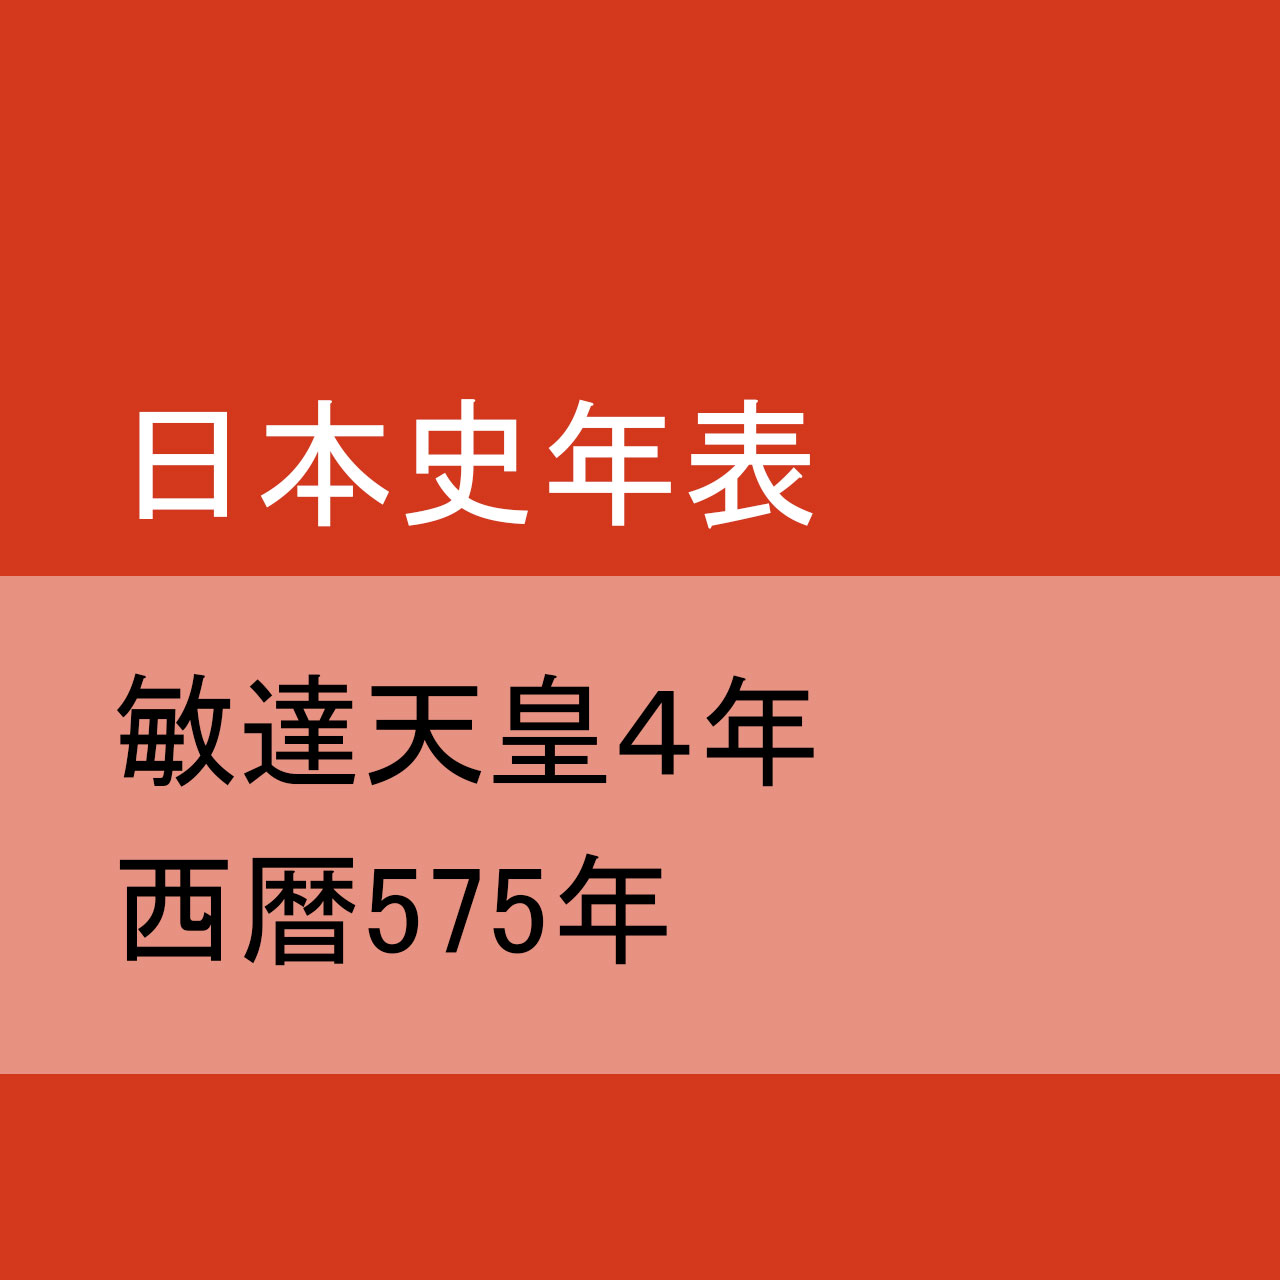 敏達天皇4(575)年